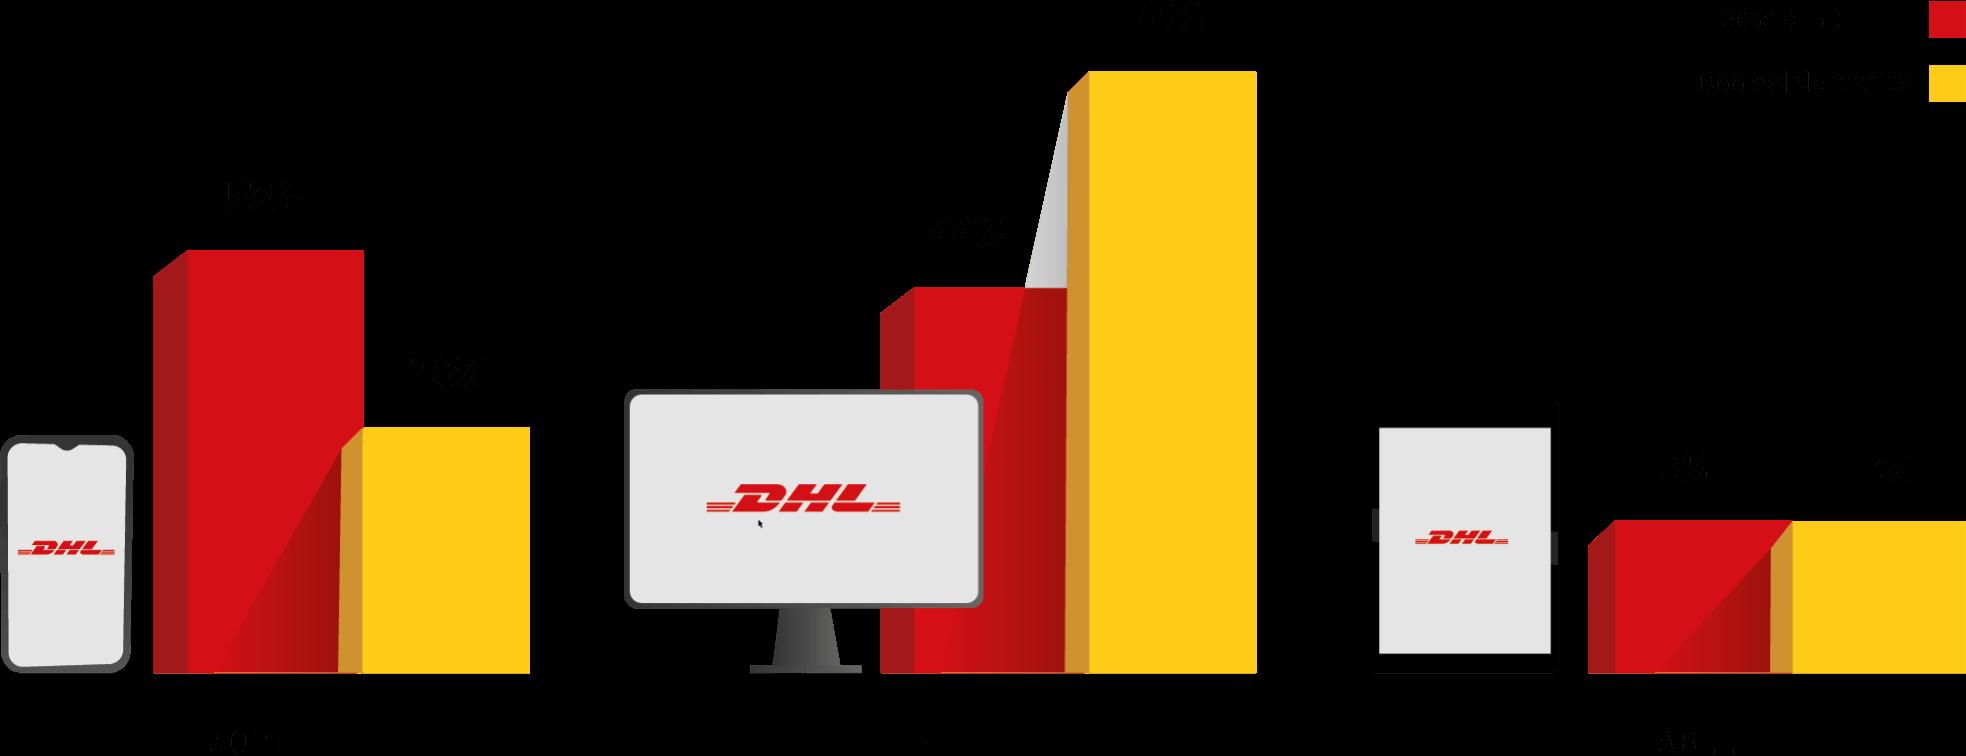 Device bar chart